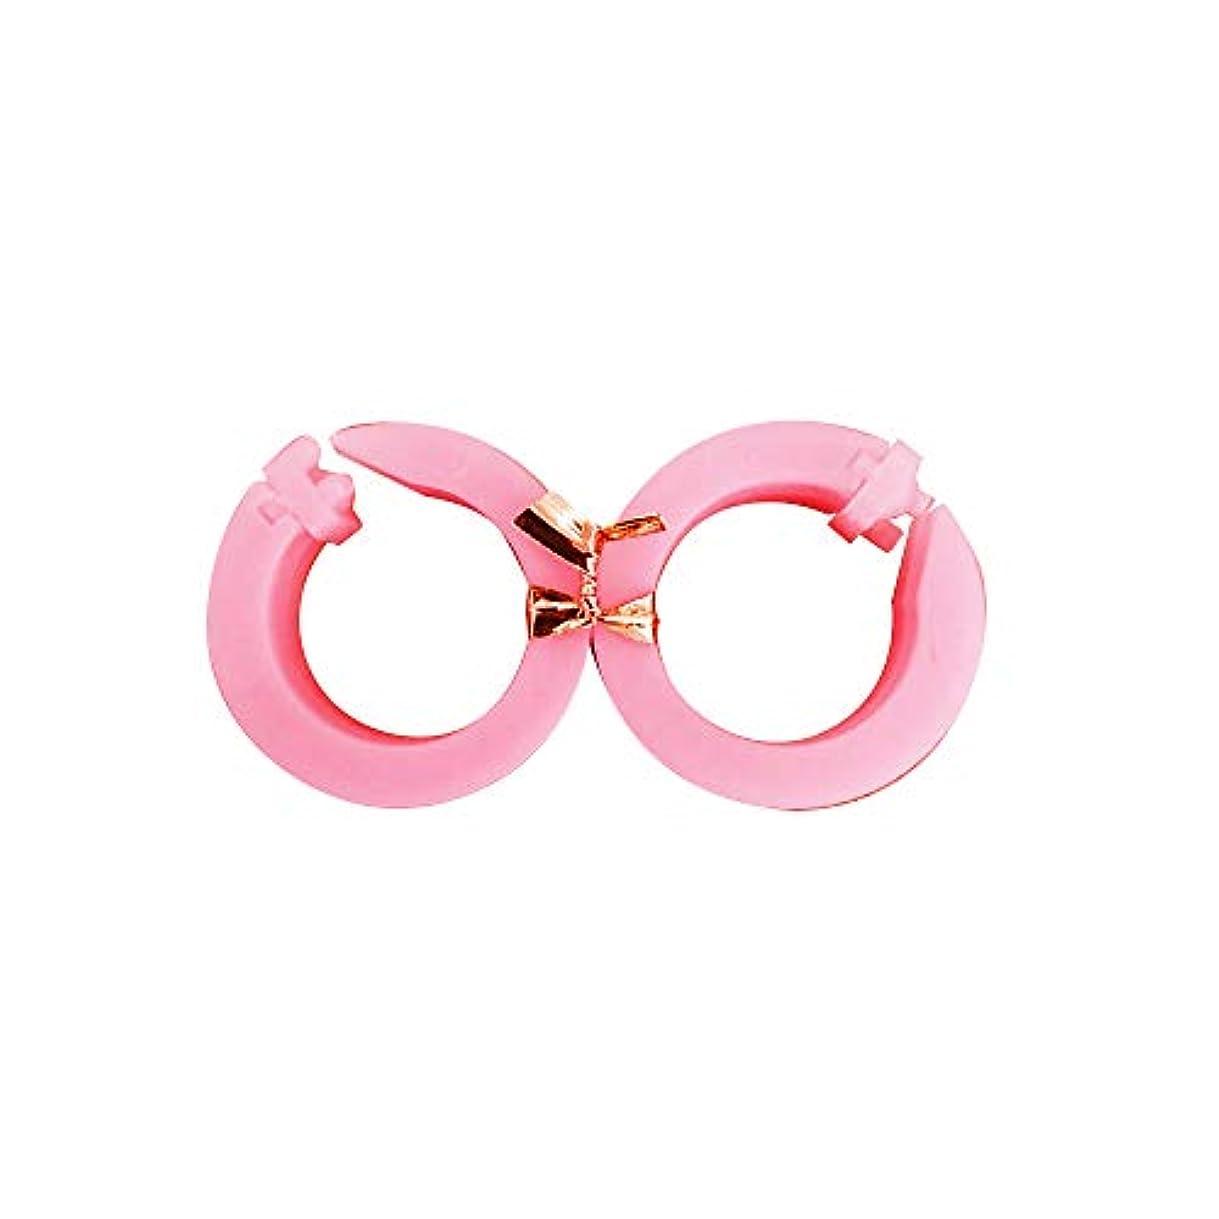 【サフランフィールド】 耳つぼ ダイエットリング 美容 耳つぼ美人 ピンク